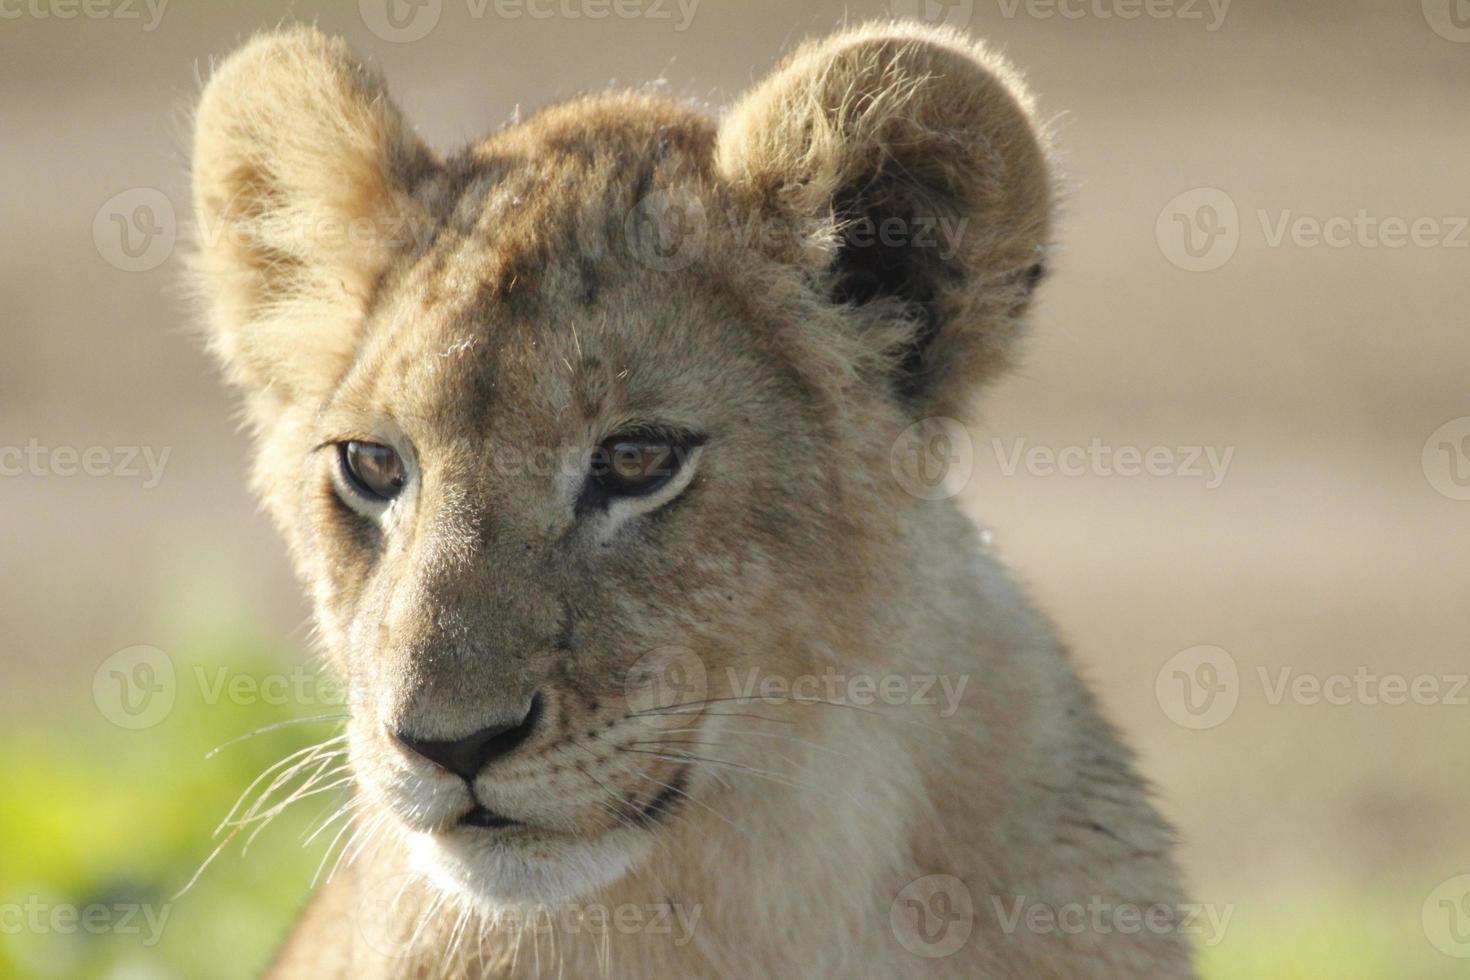 cucciolo di leone africano foto